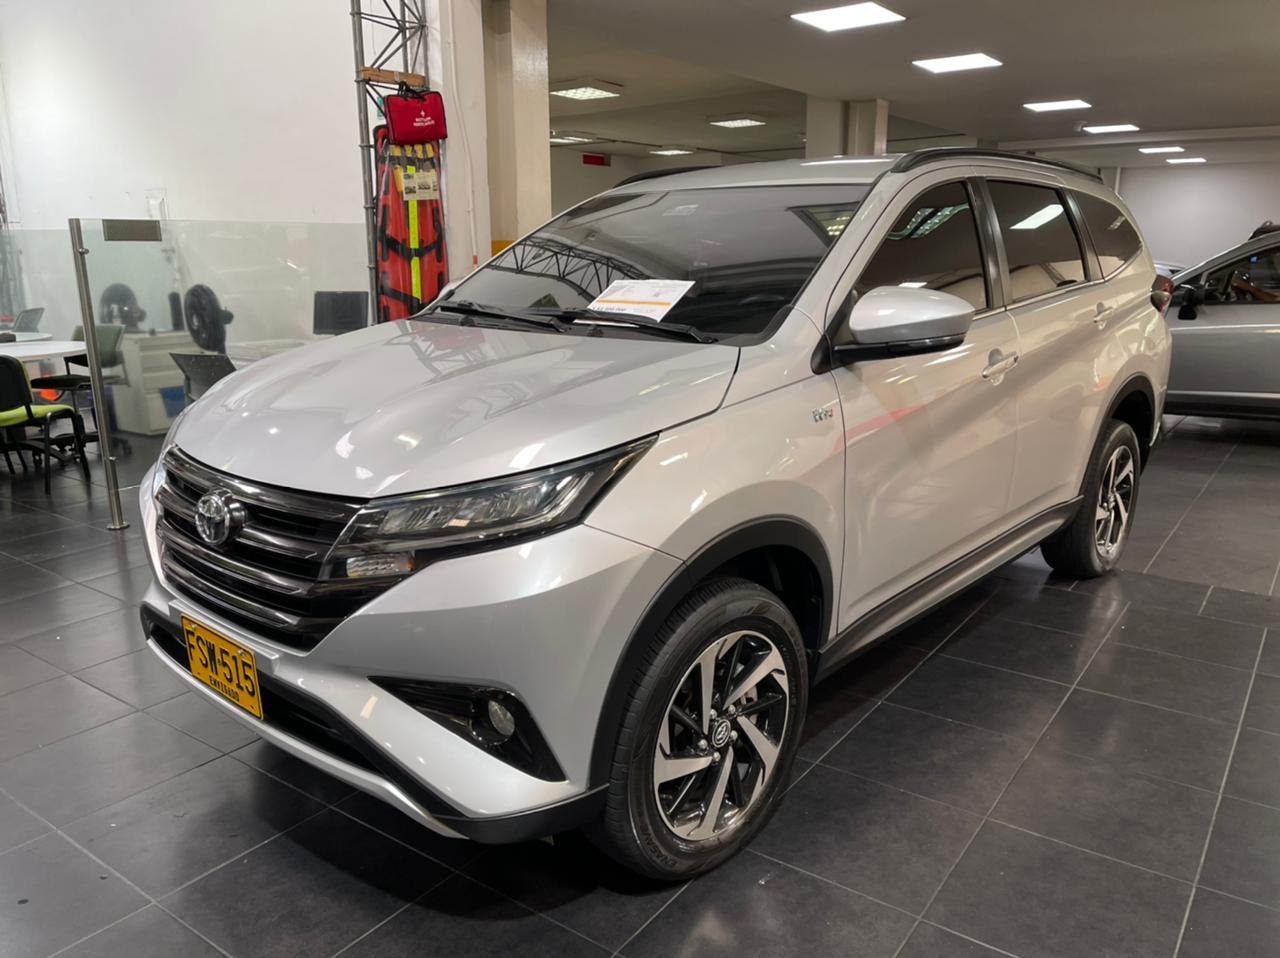 Toyota-Rush-01464779-1